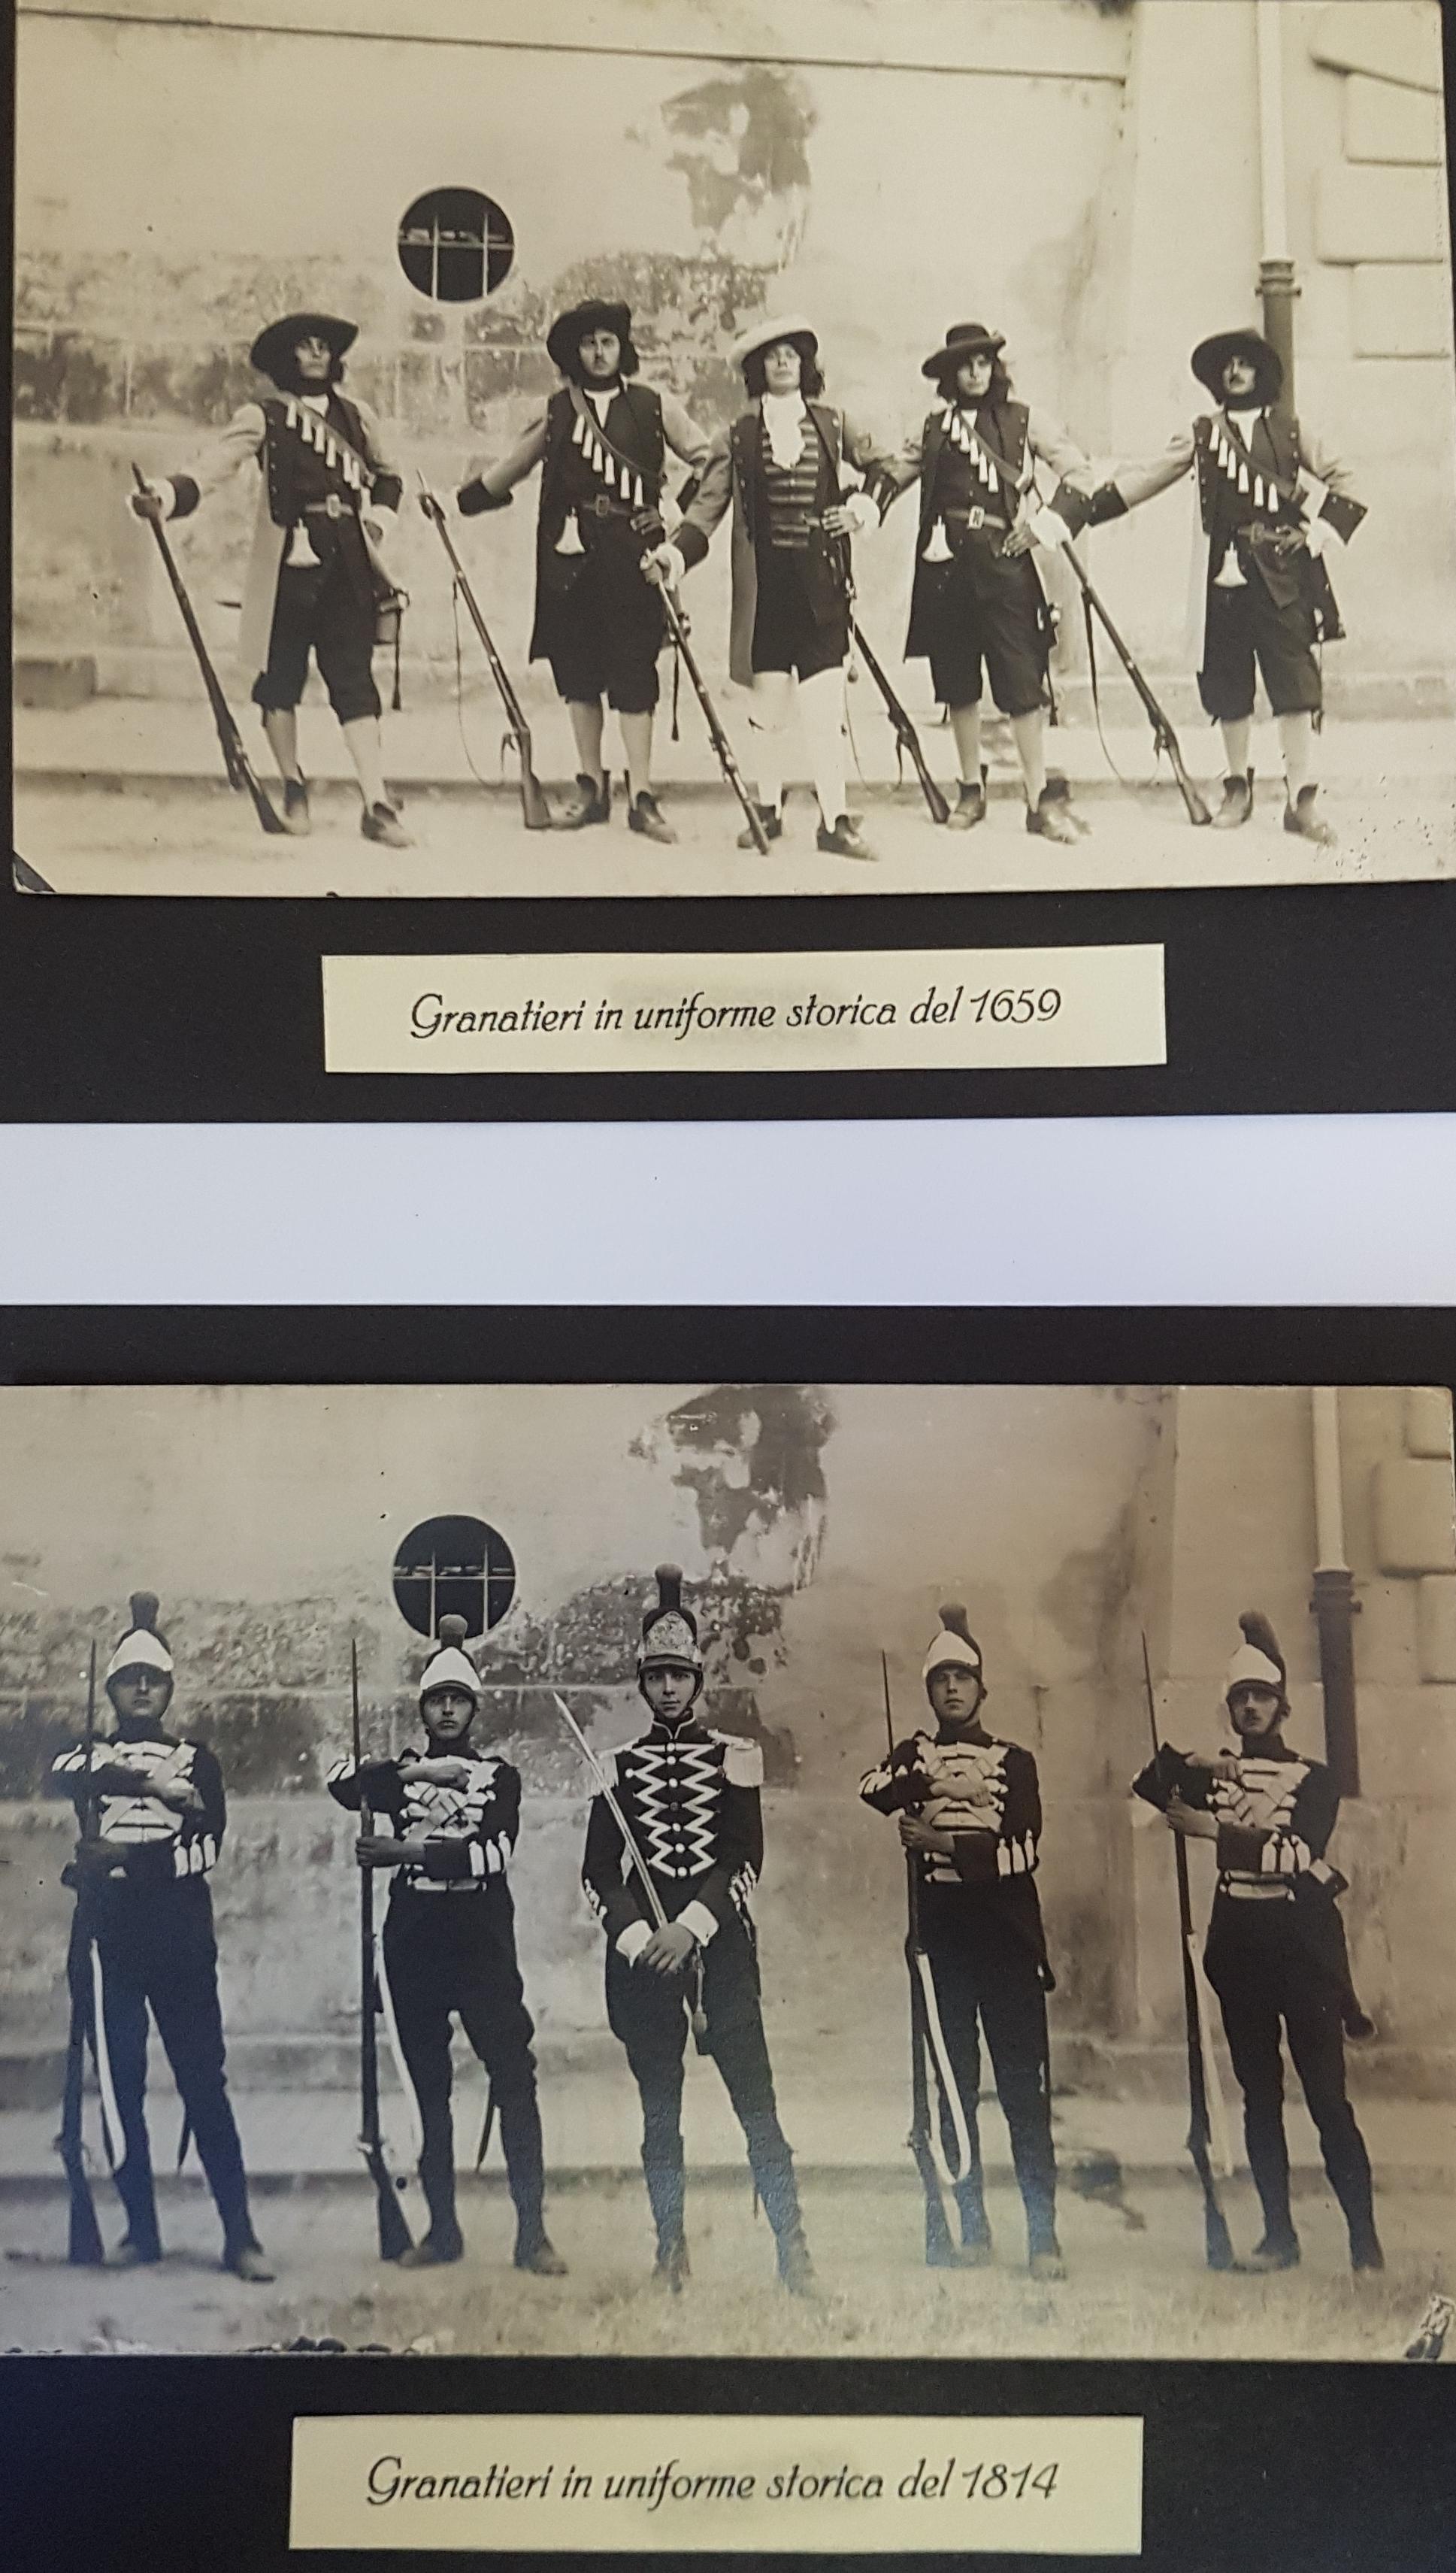 Uniformi storiche 1659 e 1814